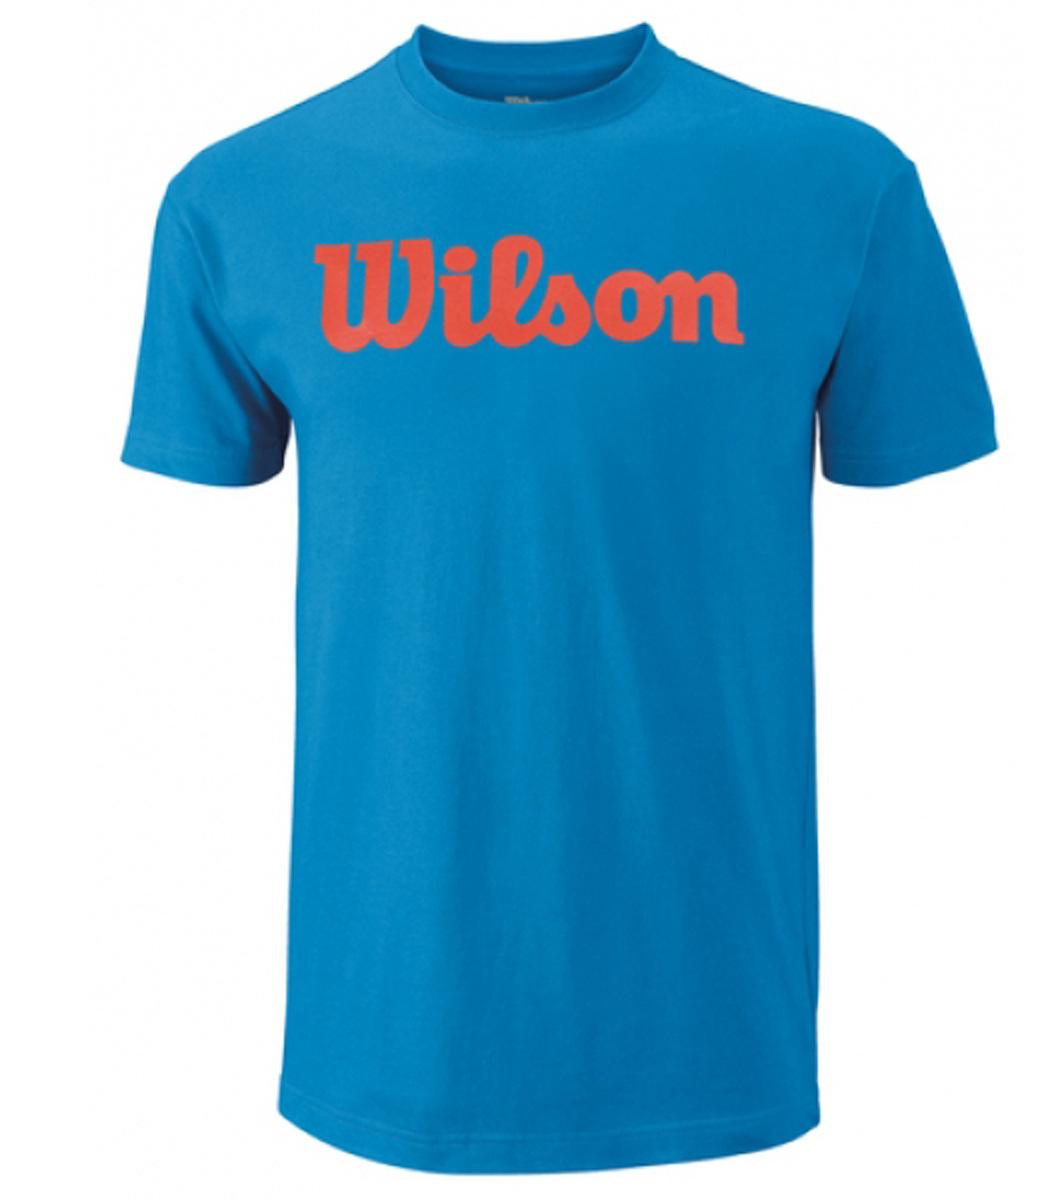 WRA747803Тренировочная футболка с Логотипом Wilson. Спортивный крой для оптимального комфорта.